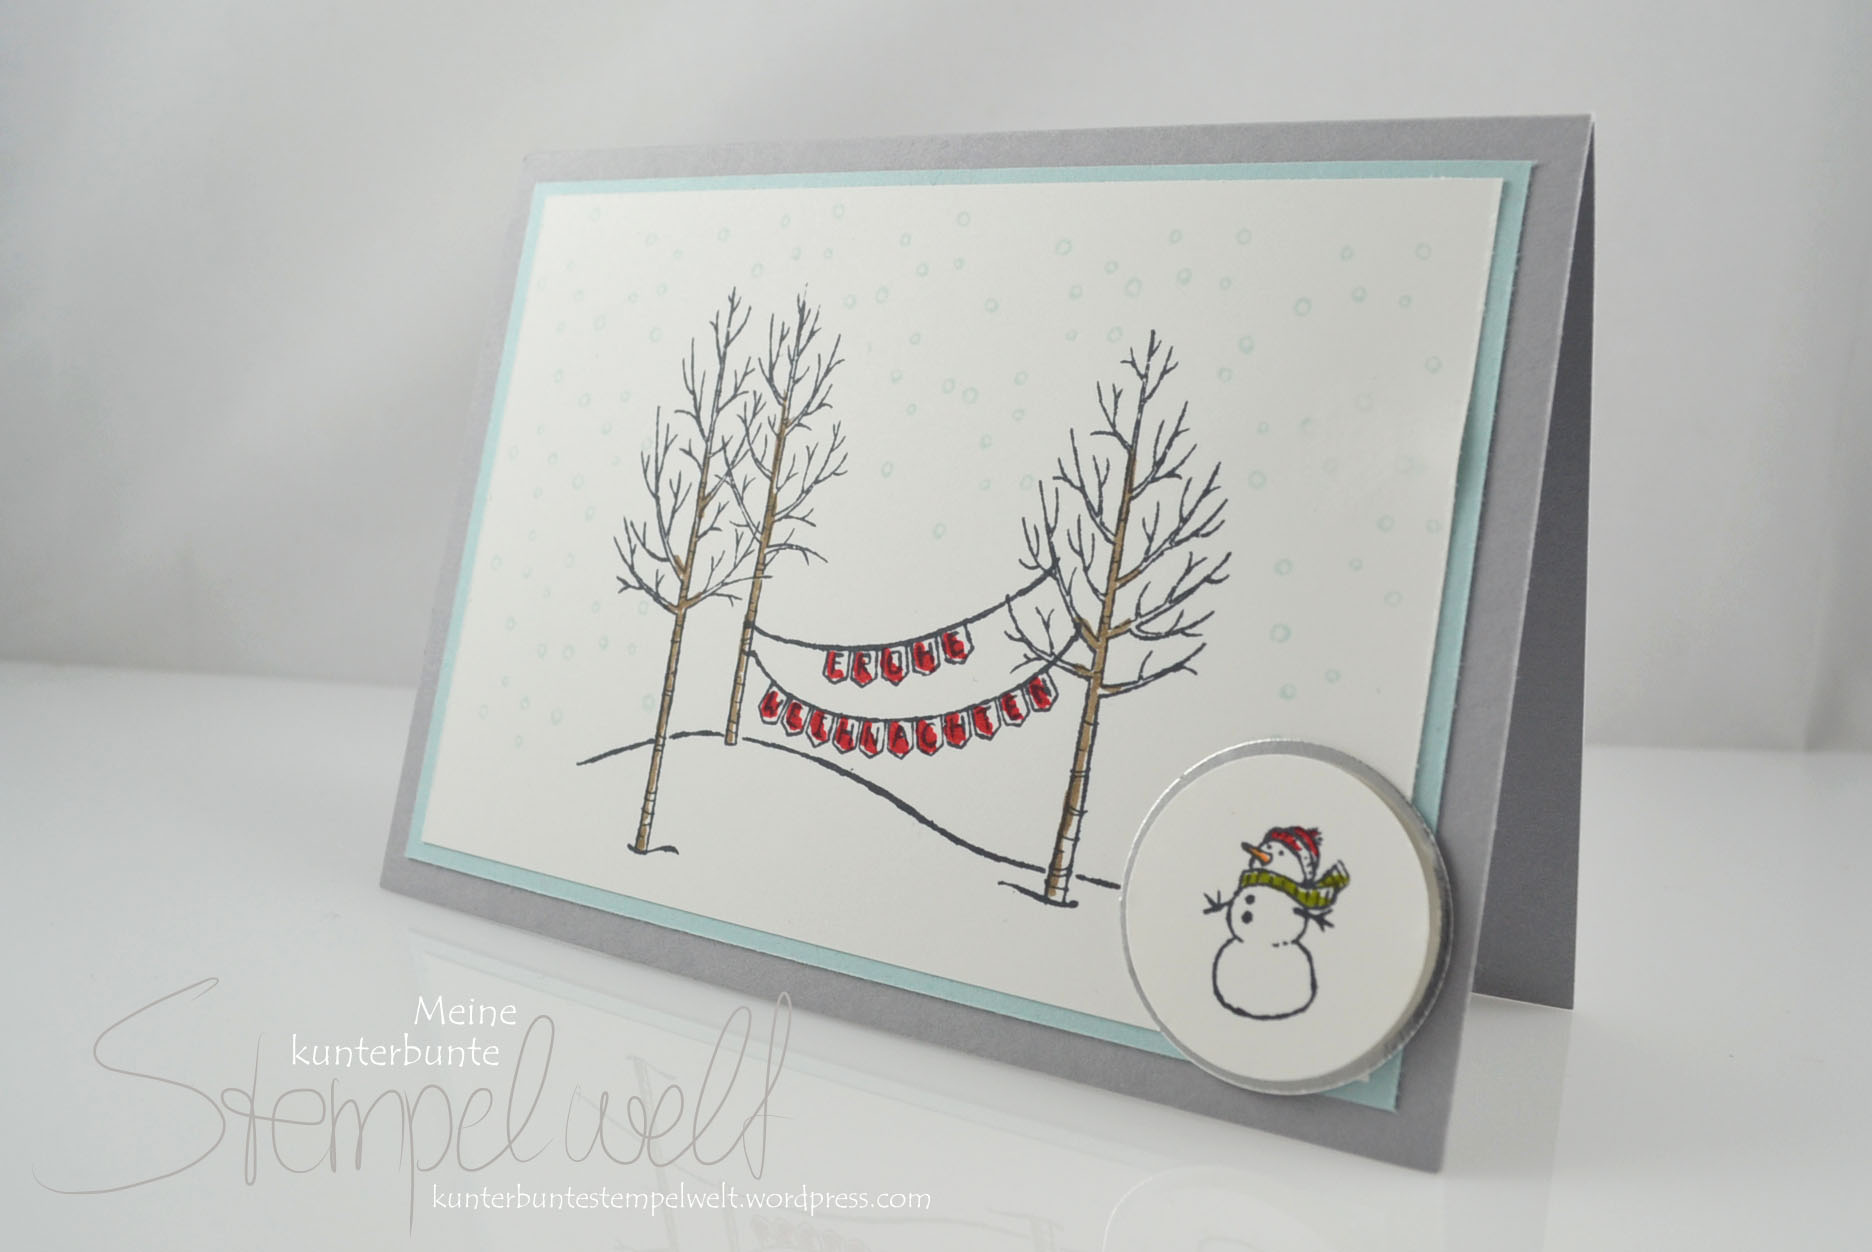 stempelset wei e weihnacht meine kunterbunte stempelwelt. Black Bedroom Furniture Sets. Home Design Ideas